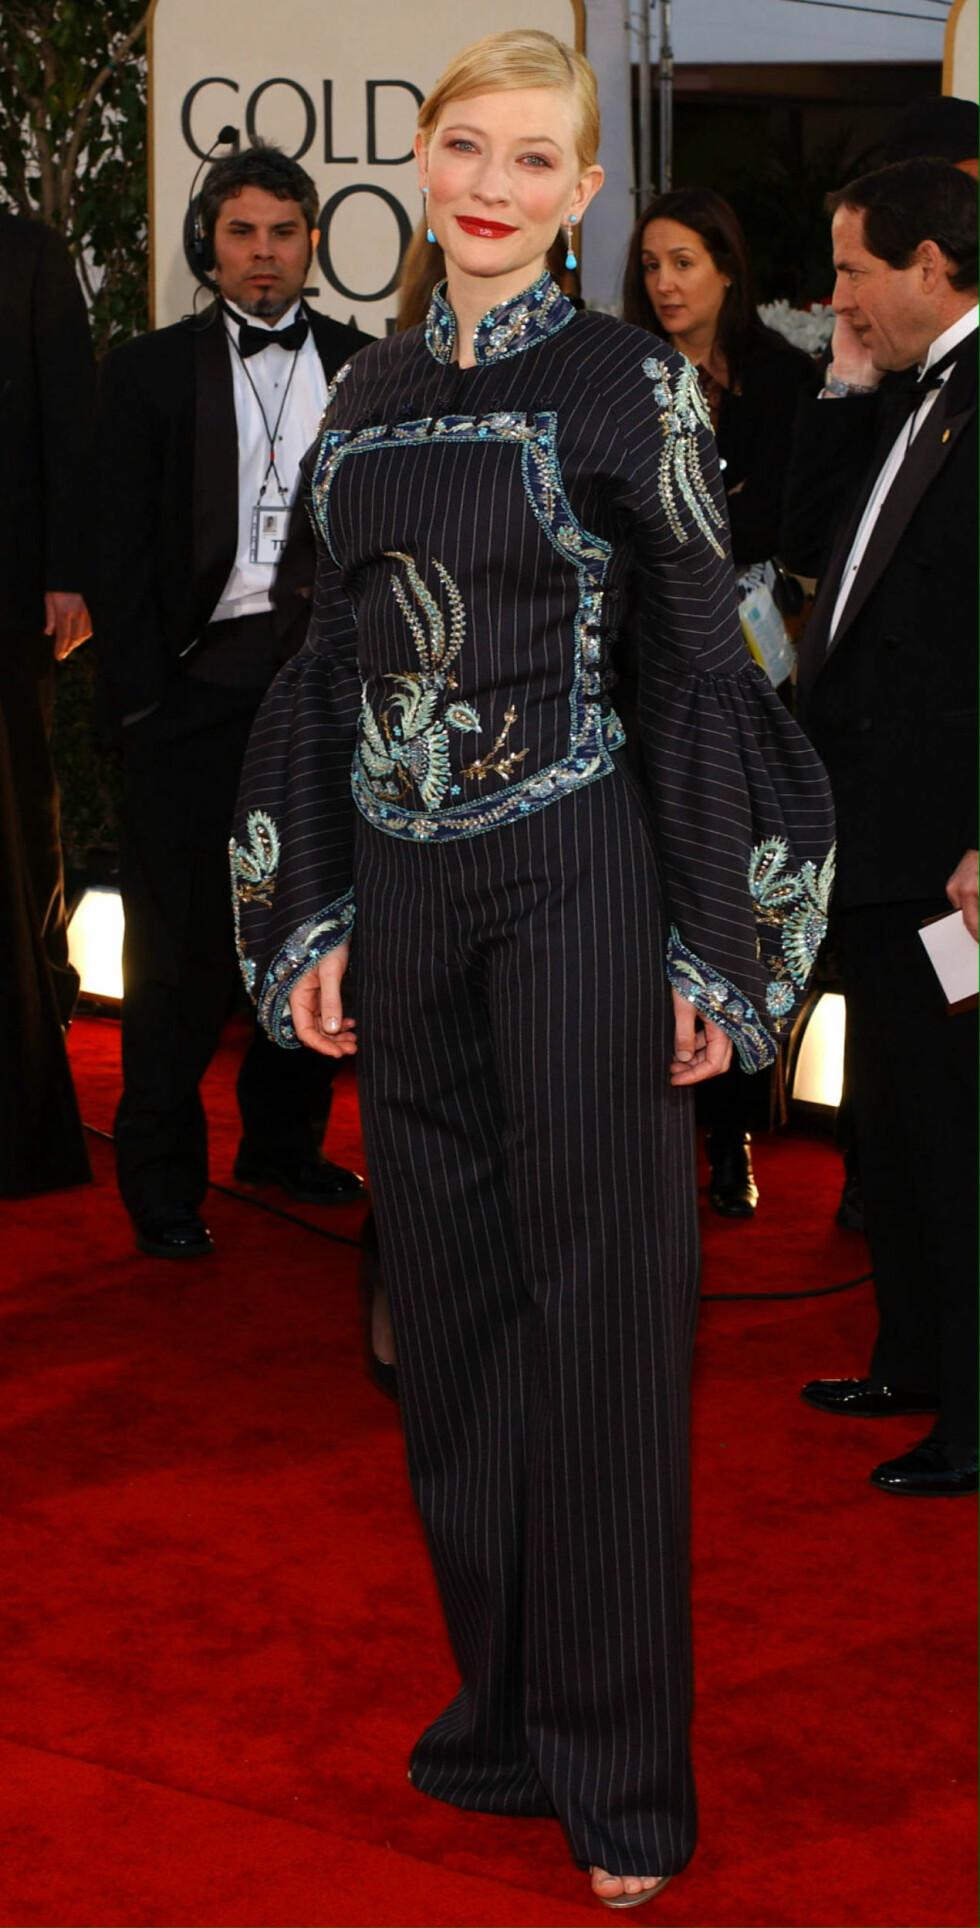 <strong>VERST KLEDD:</strong> Cate Blanchett i 2002. Foto: EPA